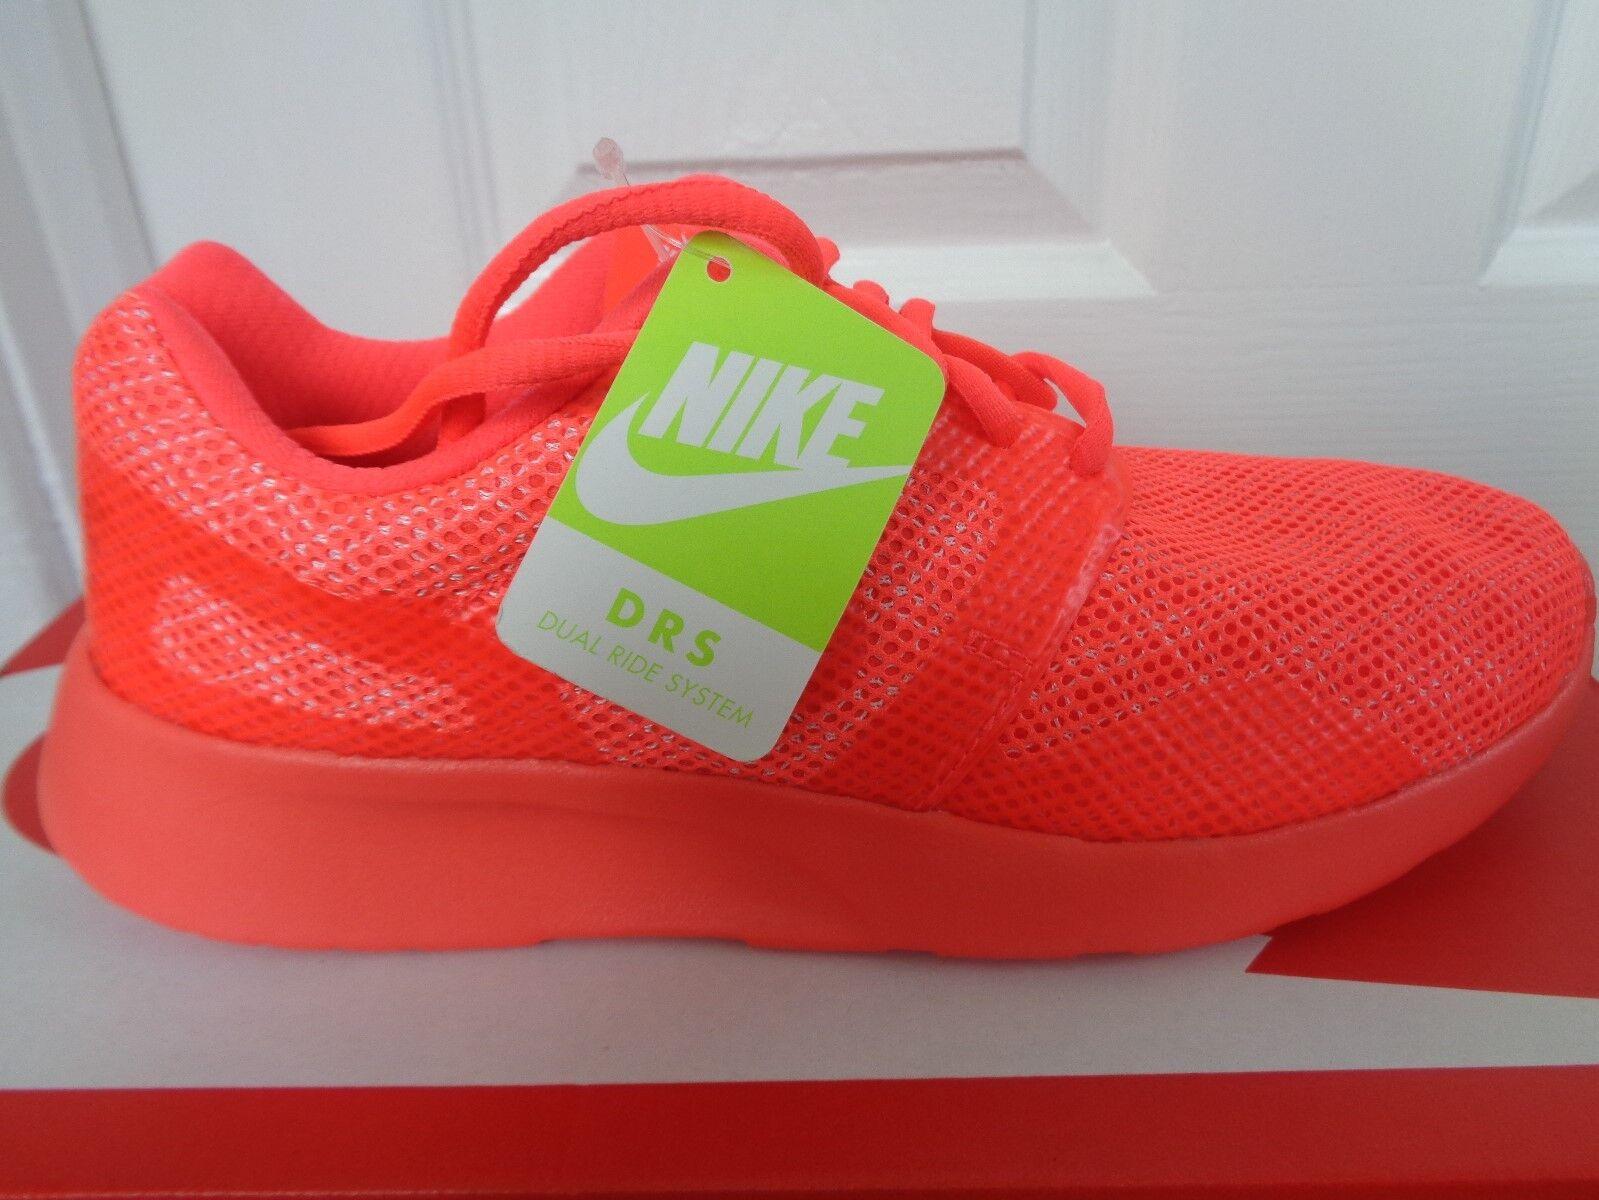 Nike Kaishi Kaishi Kaishi Ns Chaussures Femme Baskets Baskets 747495 661 US 7 Neuf + Bo?te 356516